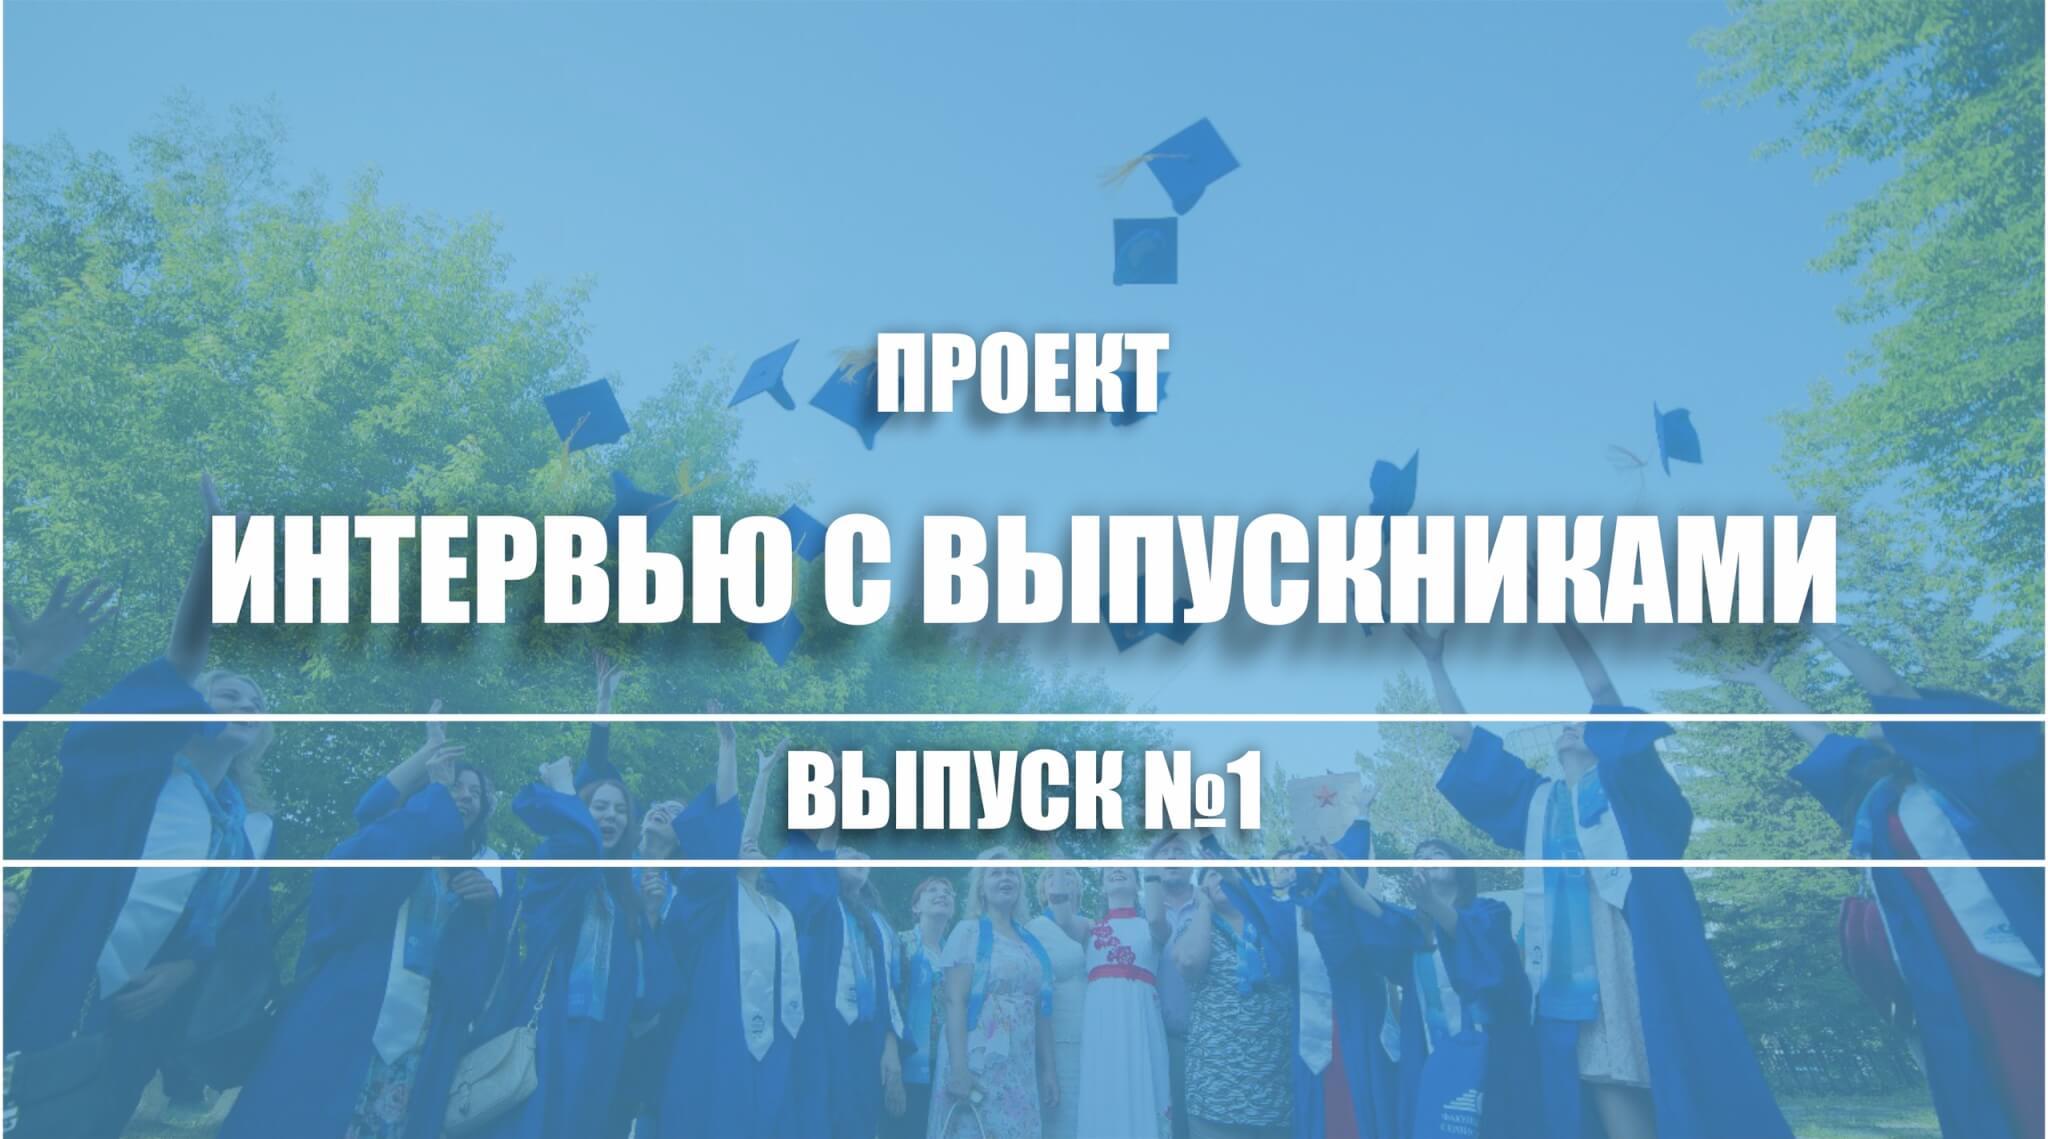 Интервью с Эрланом Капаровым, выпускником 2017 года